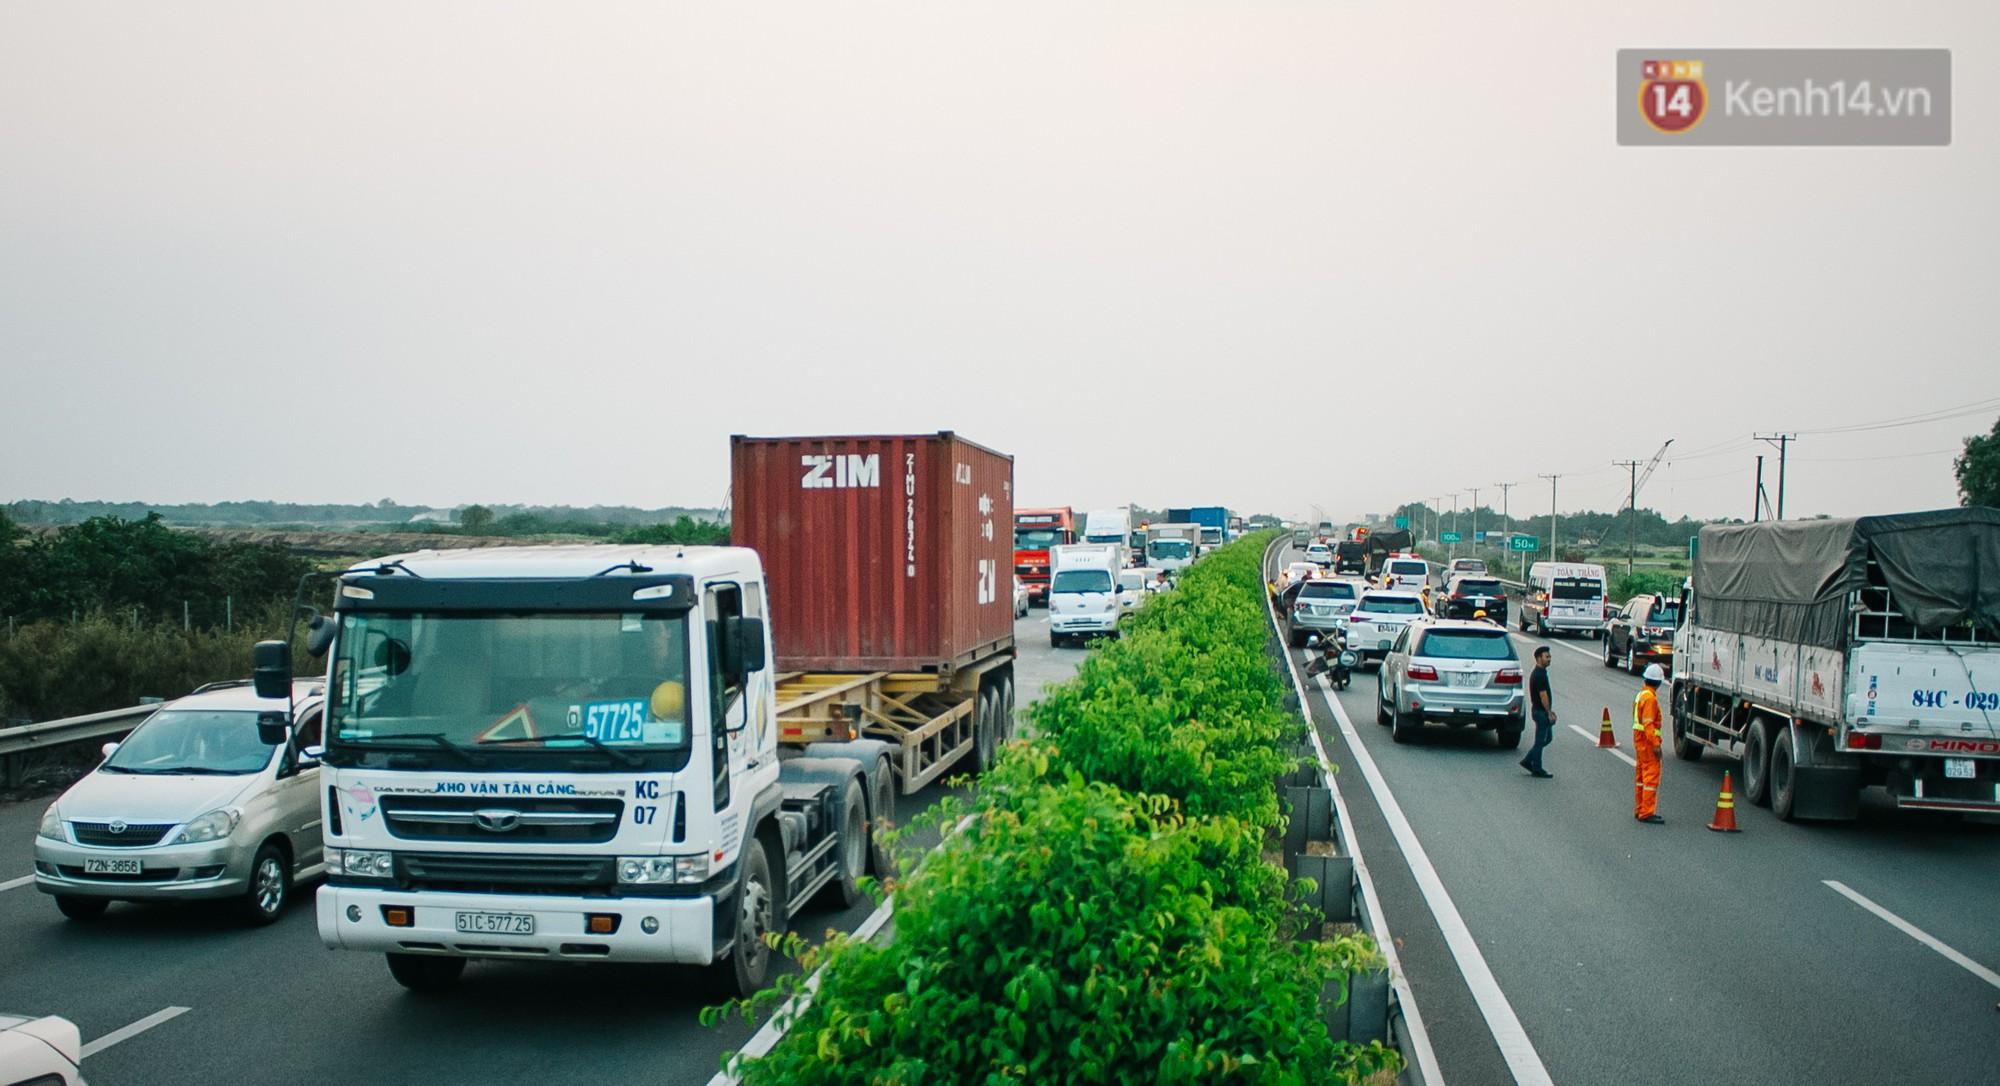 Chùm ảnh: Hiện trường vụ tai nạn liên hoàn trên cao tốc Long Thành - Dầu Giây vì khói rơm rạ mù mịt tấn công - Ảnh 13.